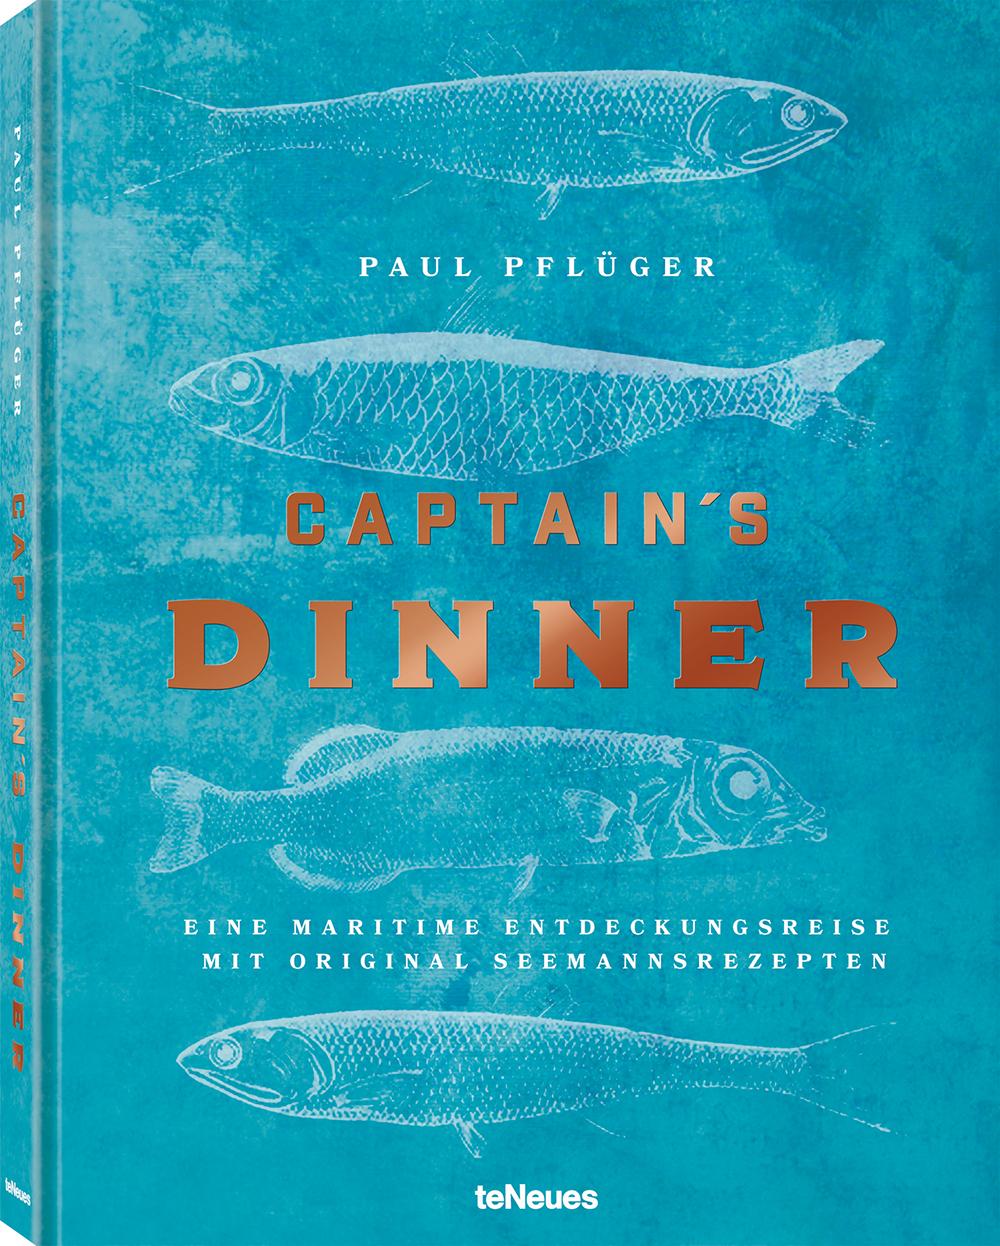 © Captain's Dinner - Eine maritime Entdeckungsreise mit original Seemannsrezepten - Paul Pflüger, erschienen bei teNeues, € 35,  www.teneues.com